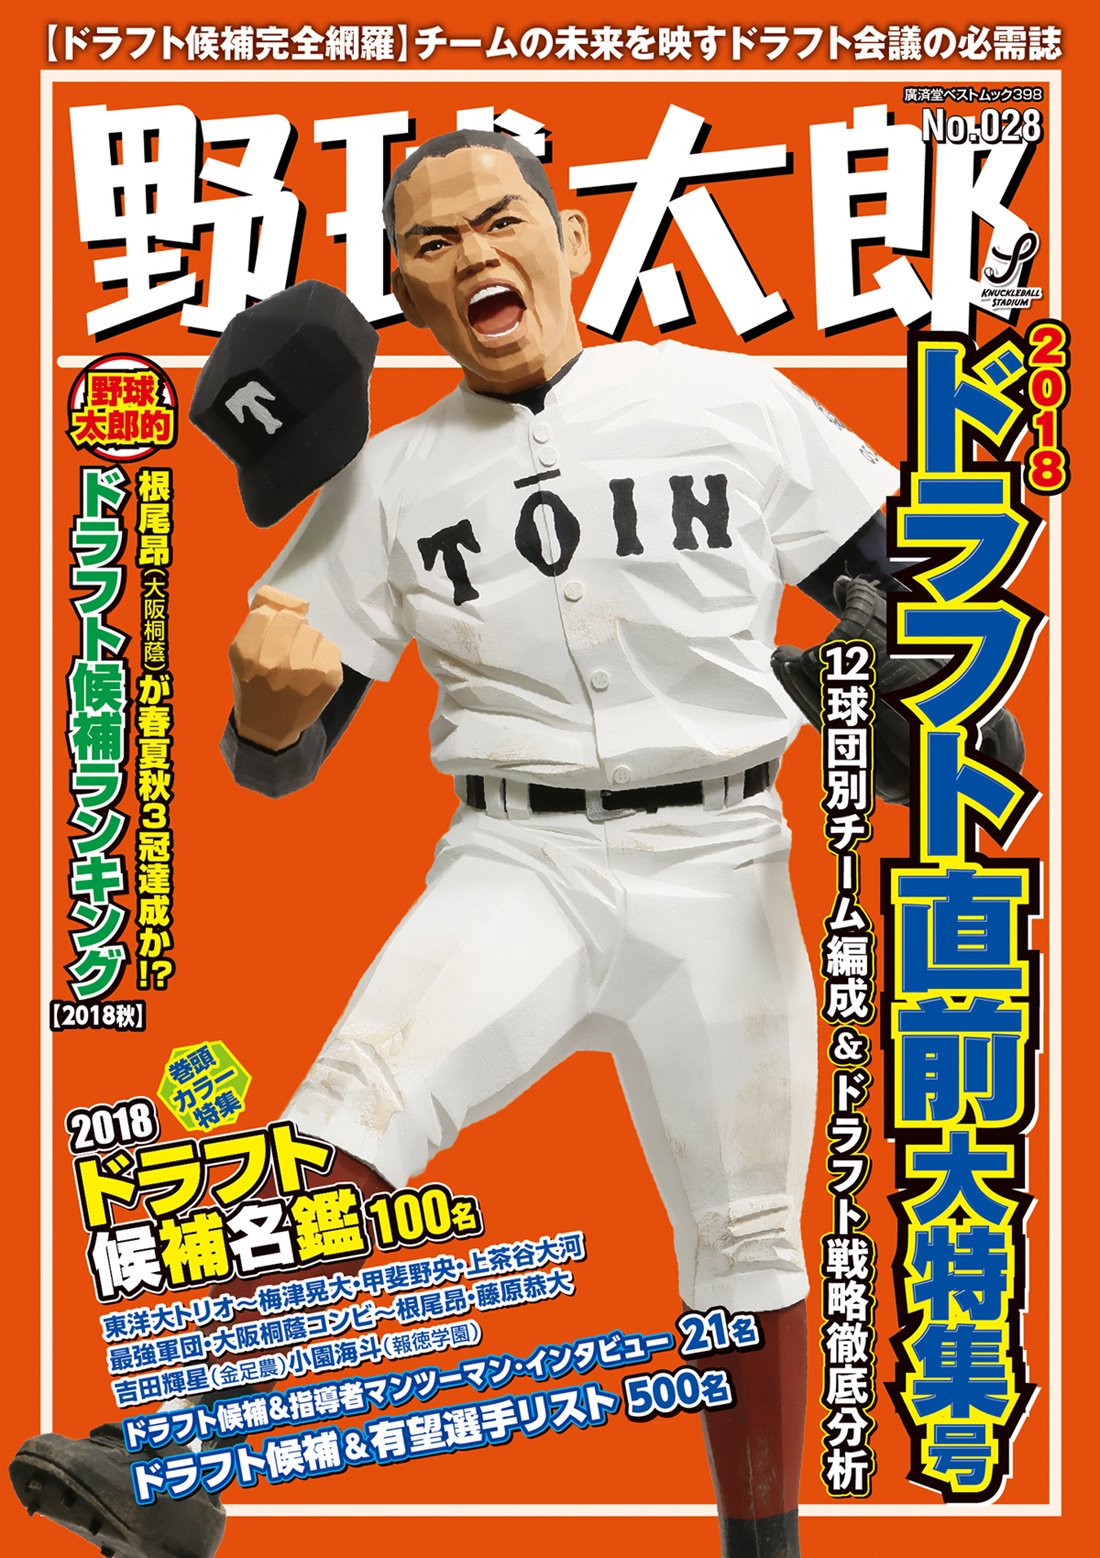 『野球太郎No.028 2018ドラフト直前大特集号』9月26日発売!